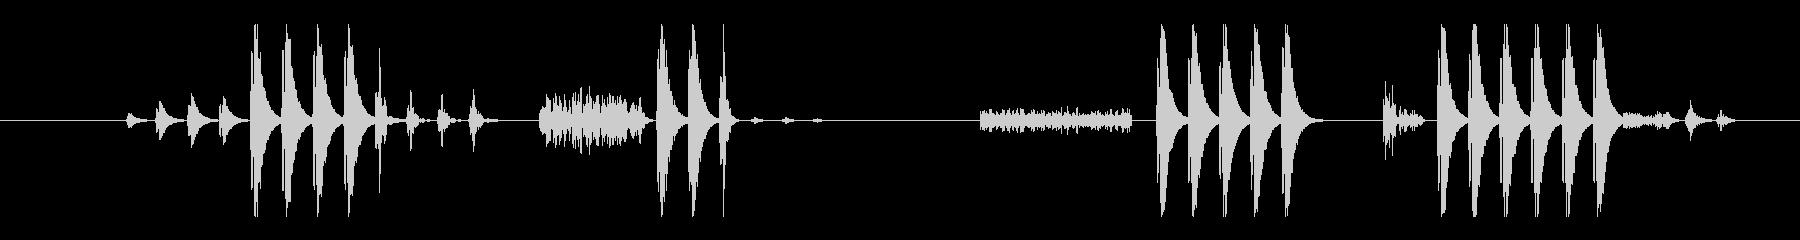 フィクション AI 90年代のコン...の未再生の波形